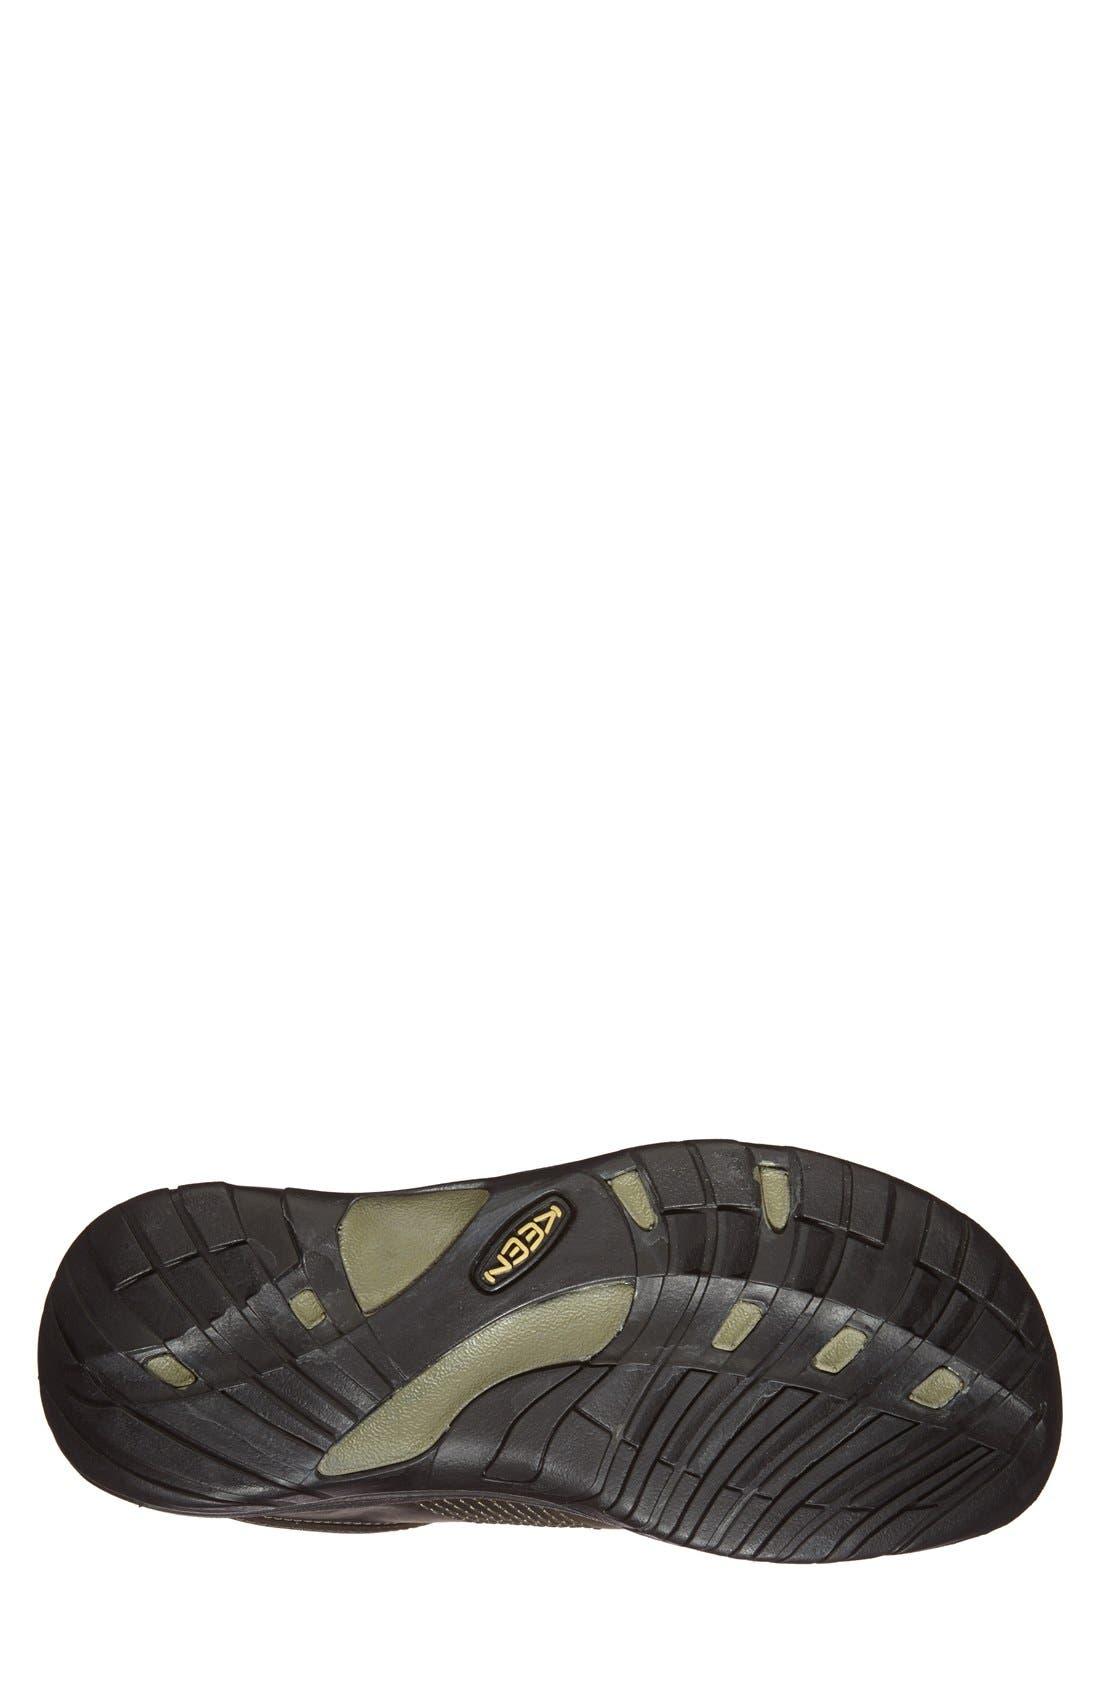 Alternate Image 4  - Keen 'Austin' Sneaker (Men)